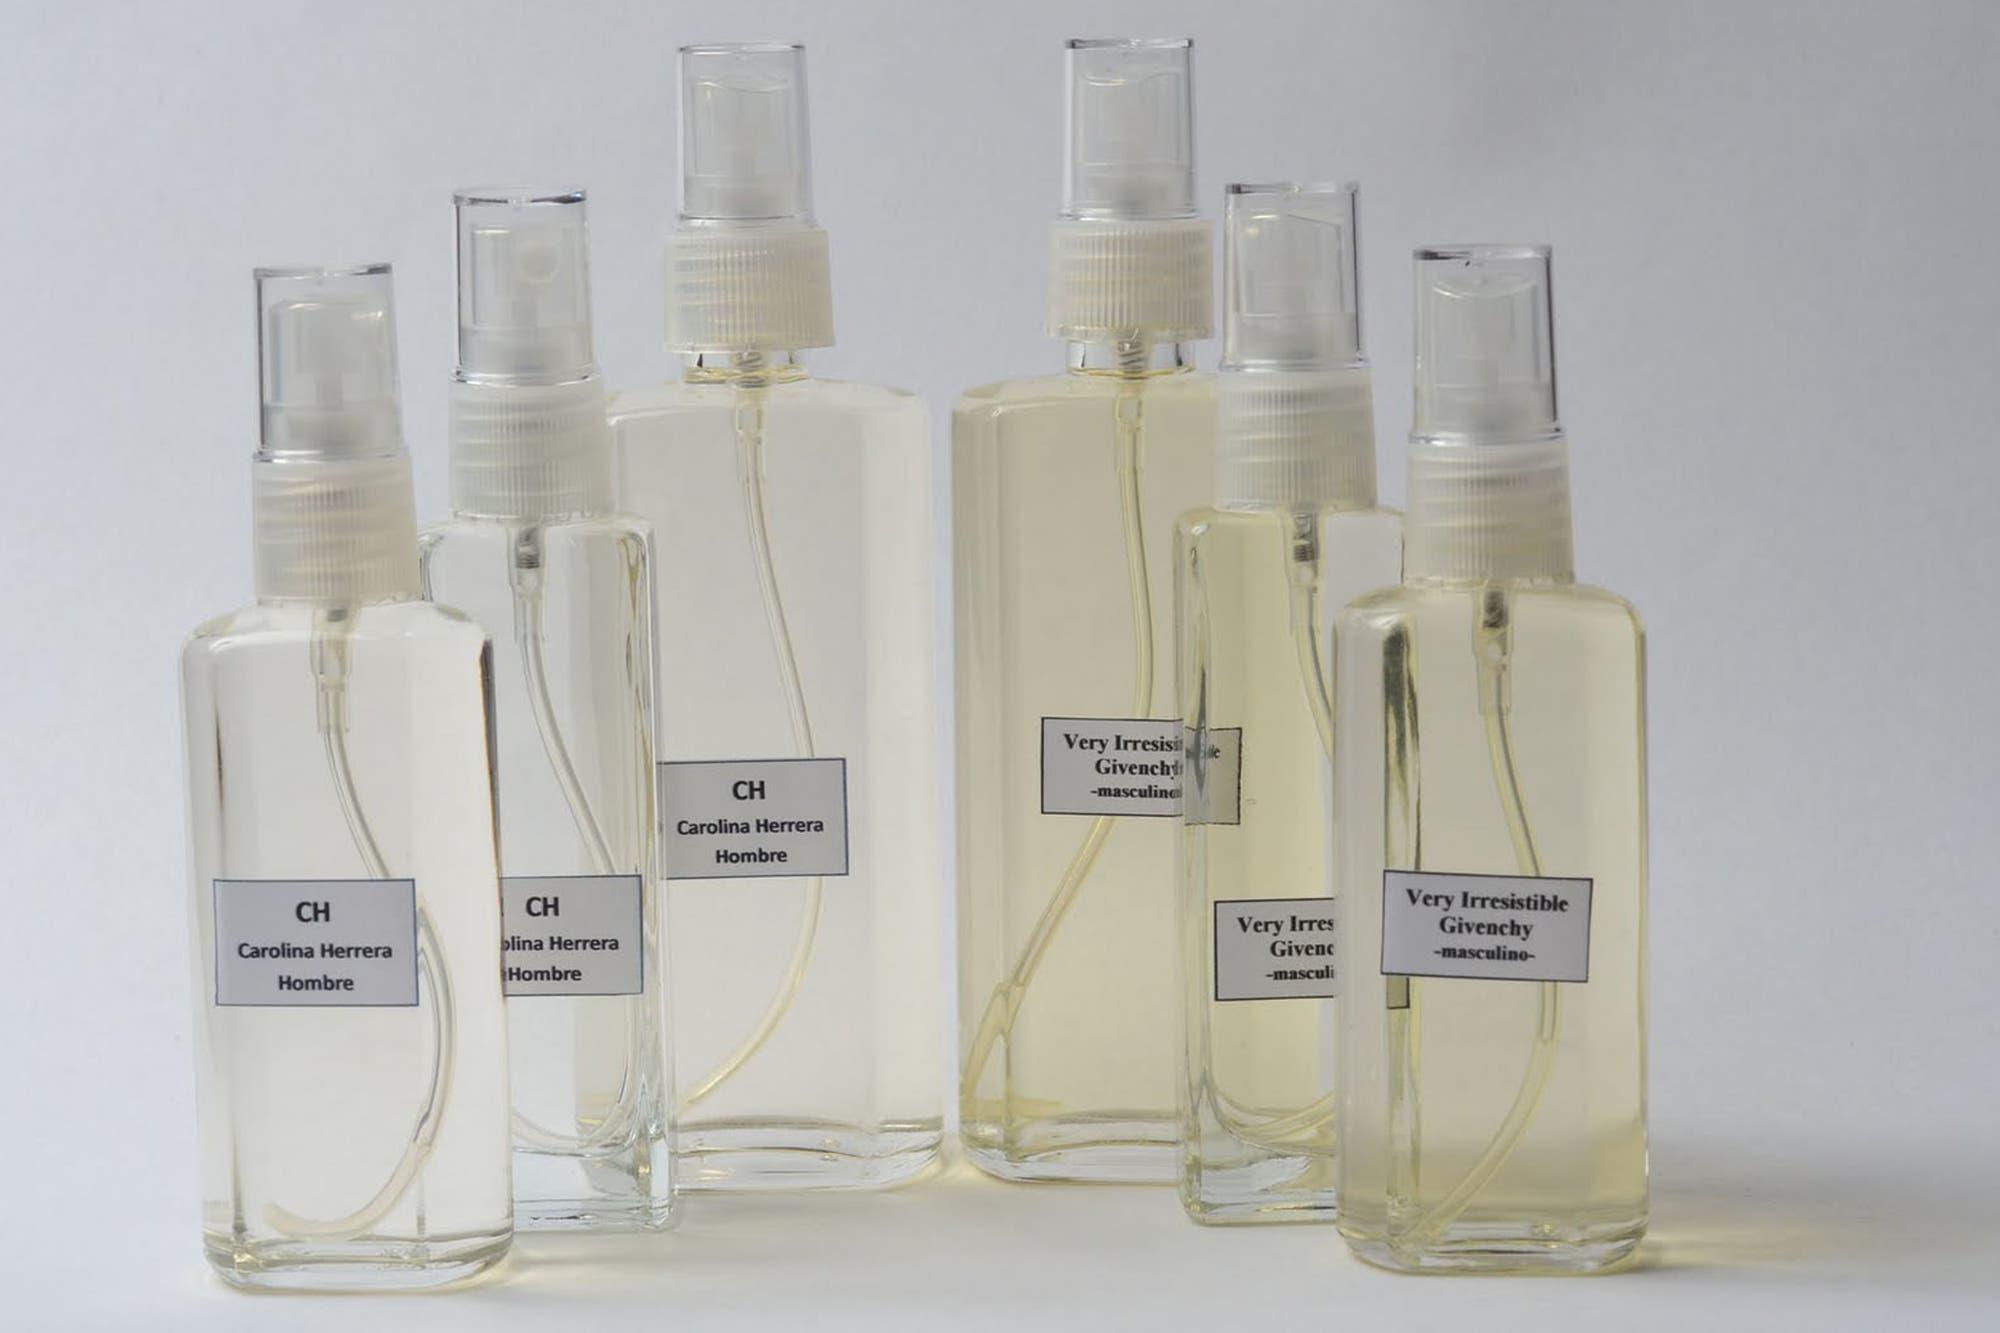 La Anmat prohibió una serie de perfumes imitados y otros productos